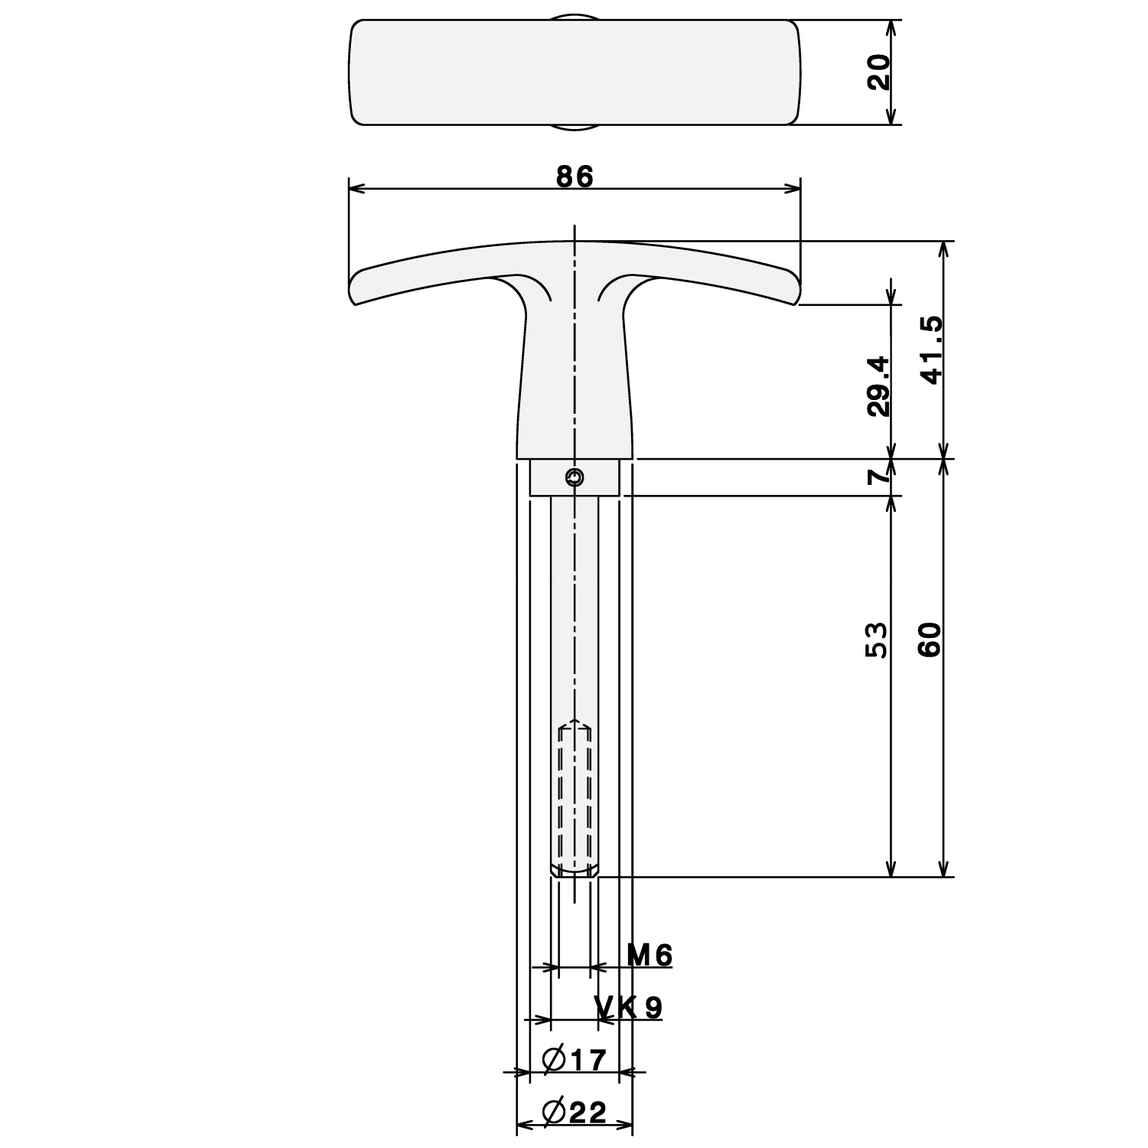 Garagentorgriff Leichtmetall F1 9x60 Griff Garagentor